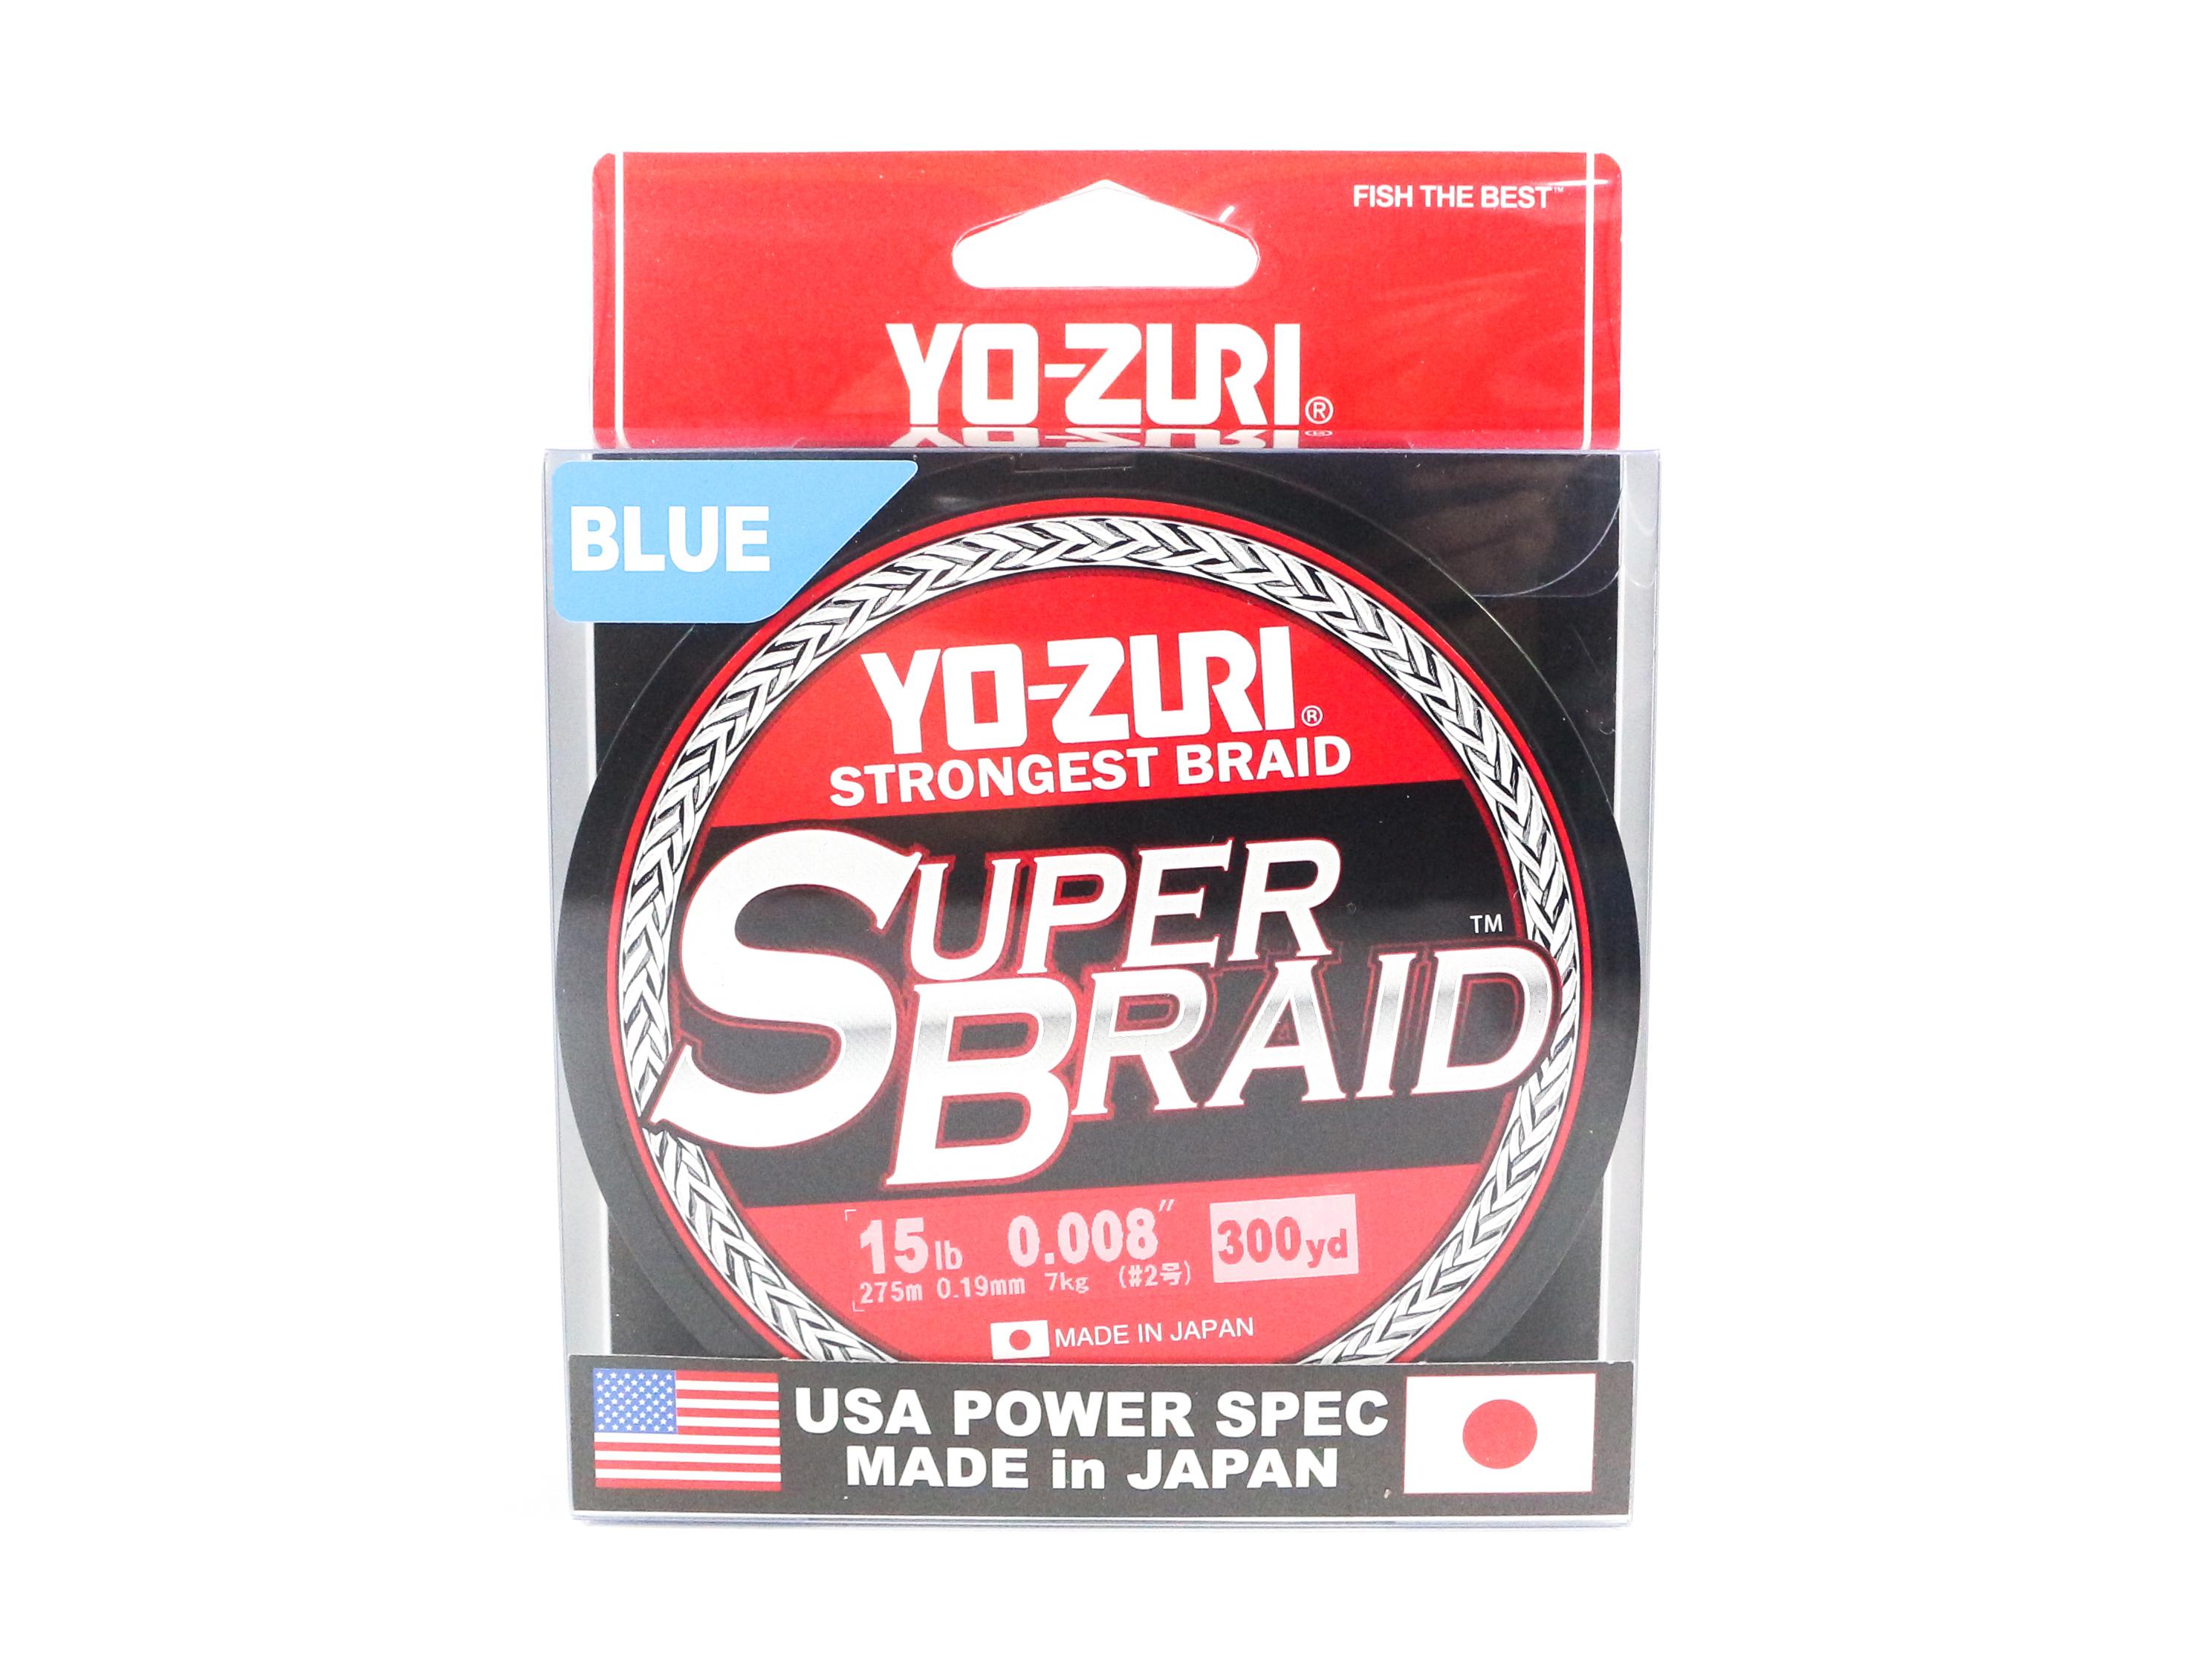 Yo Zuri Duel P.E Line Super Braid 300YDS 15Lbs (0.19mm) Blue R1265-B